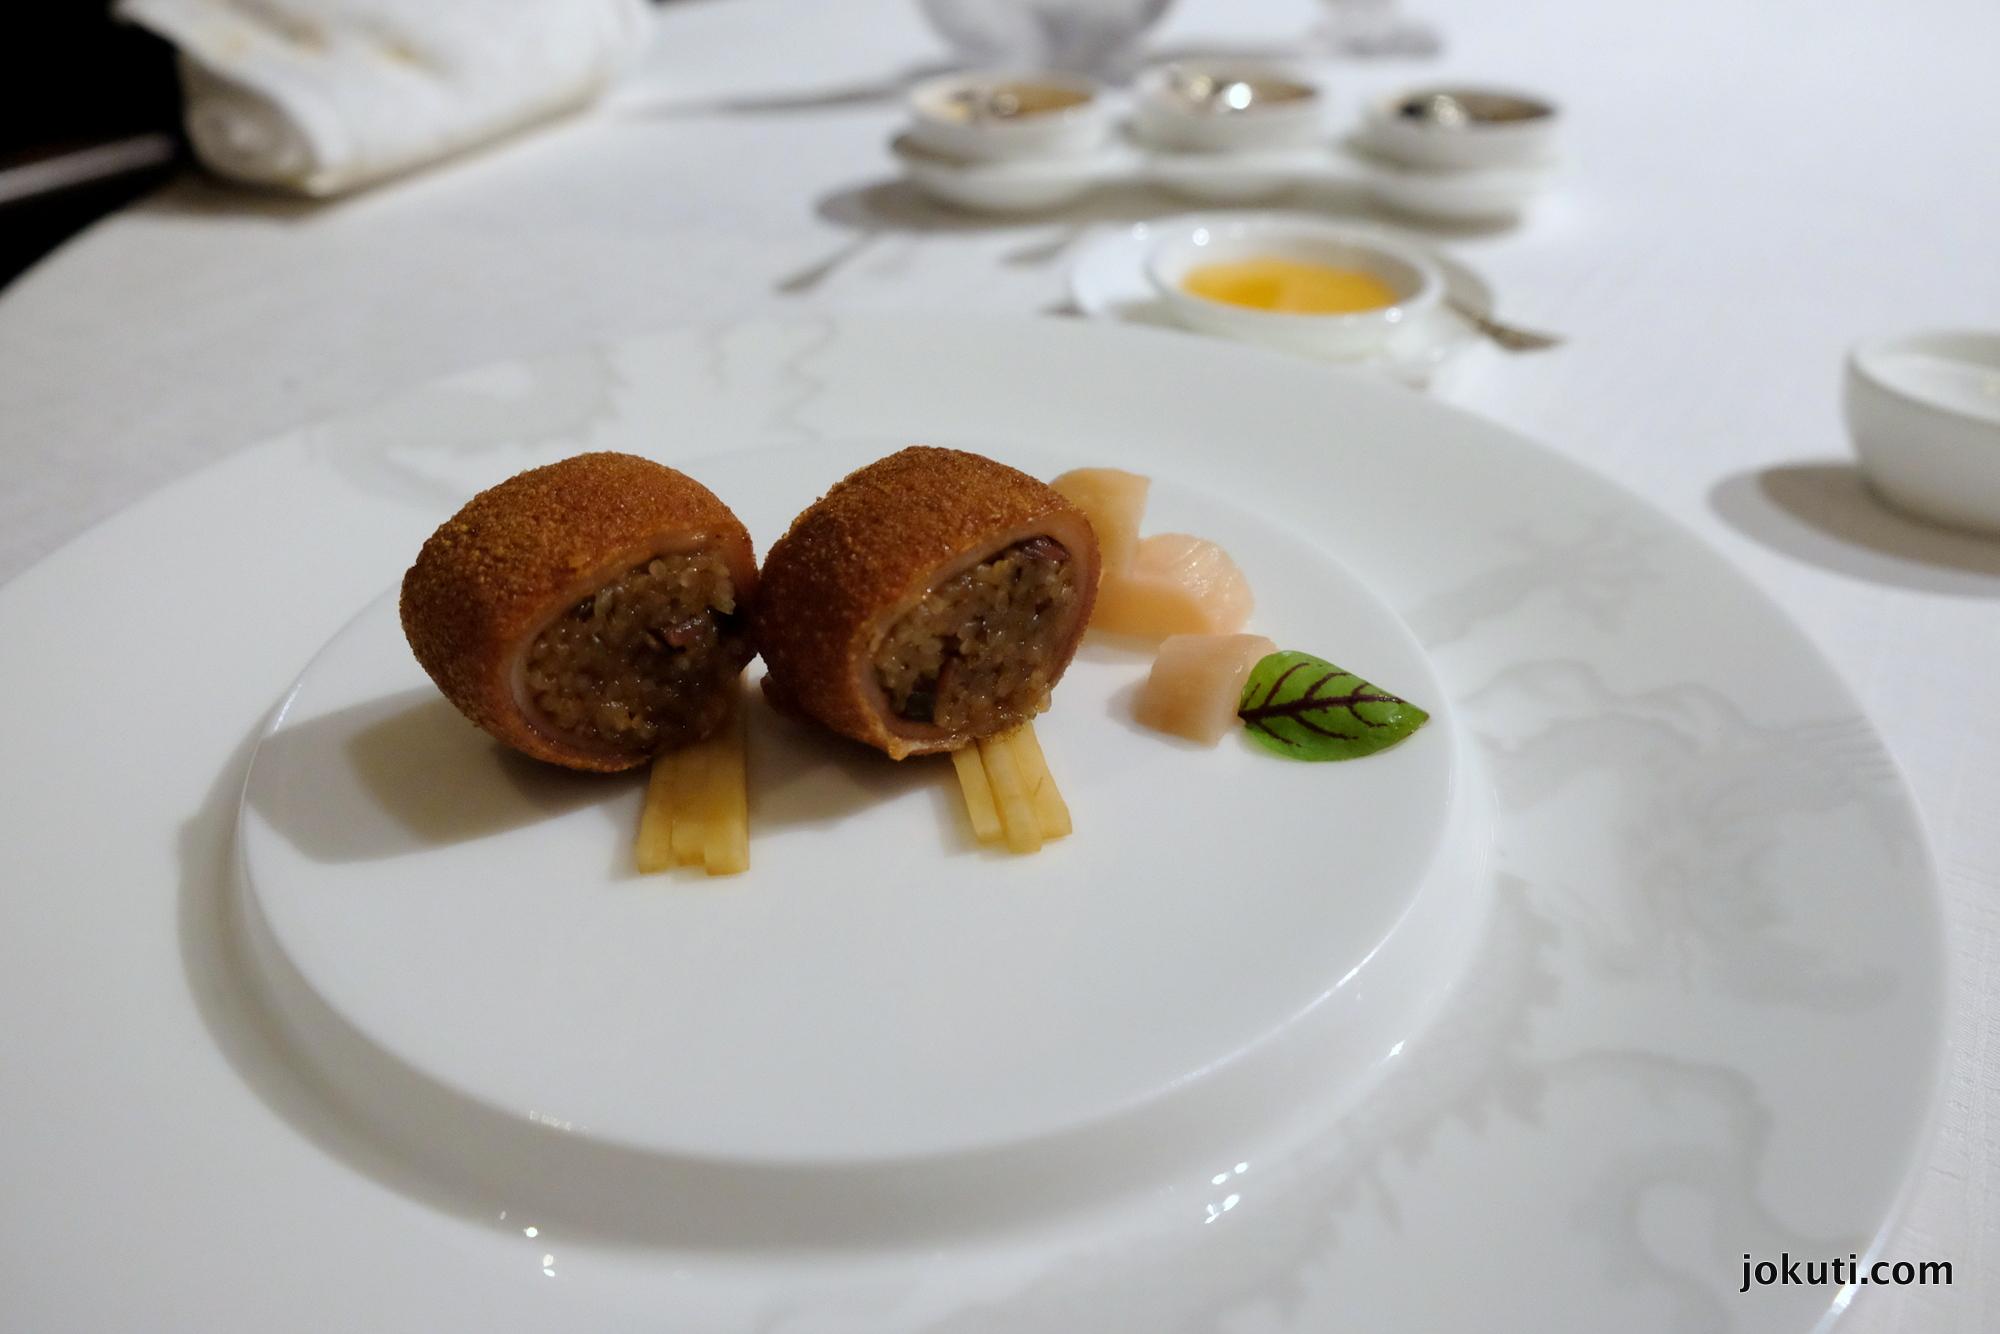 dscf6937_jade_dragon_restaurant_cantonese_chinese_michelin_macau_makao_china_kinai_vilagevo_jokuti.jpg